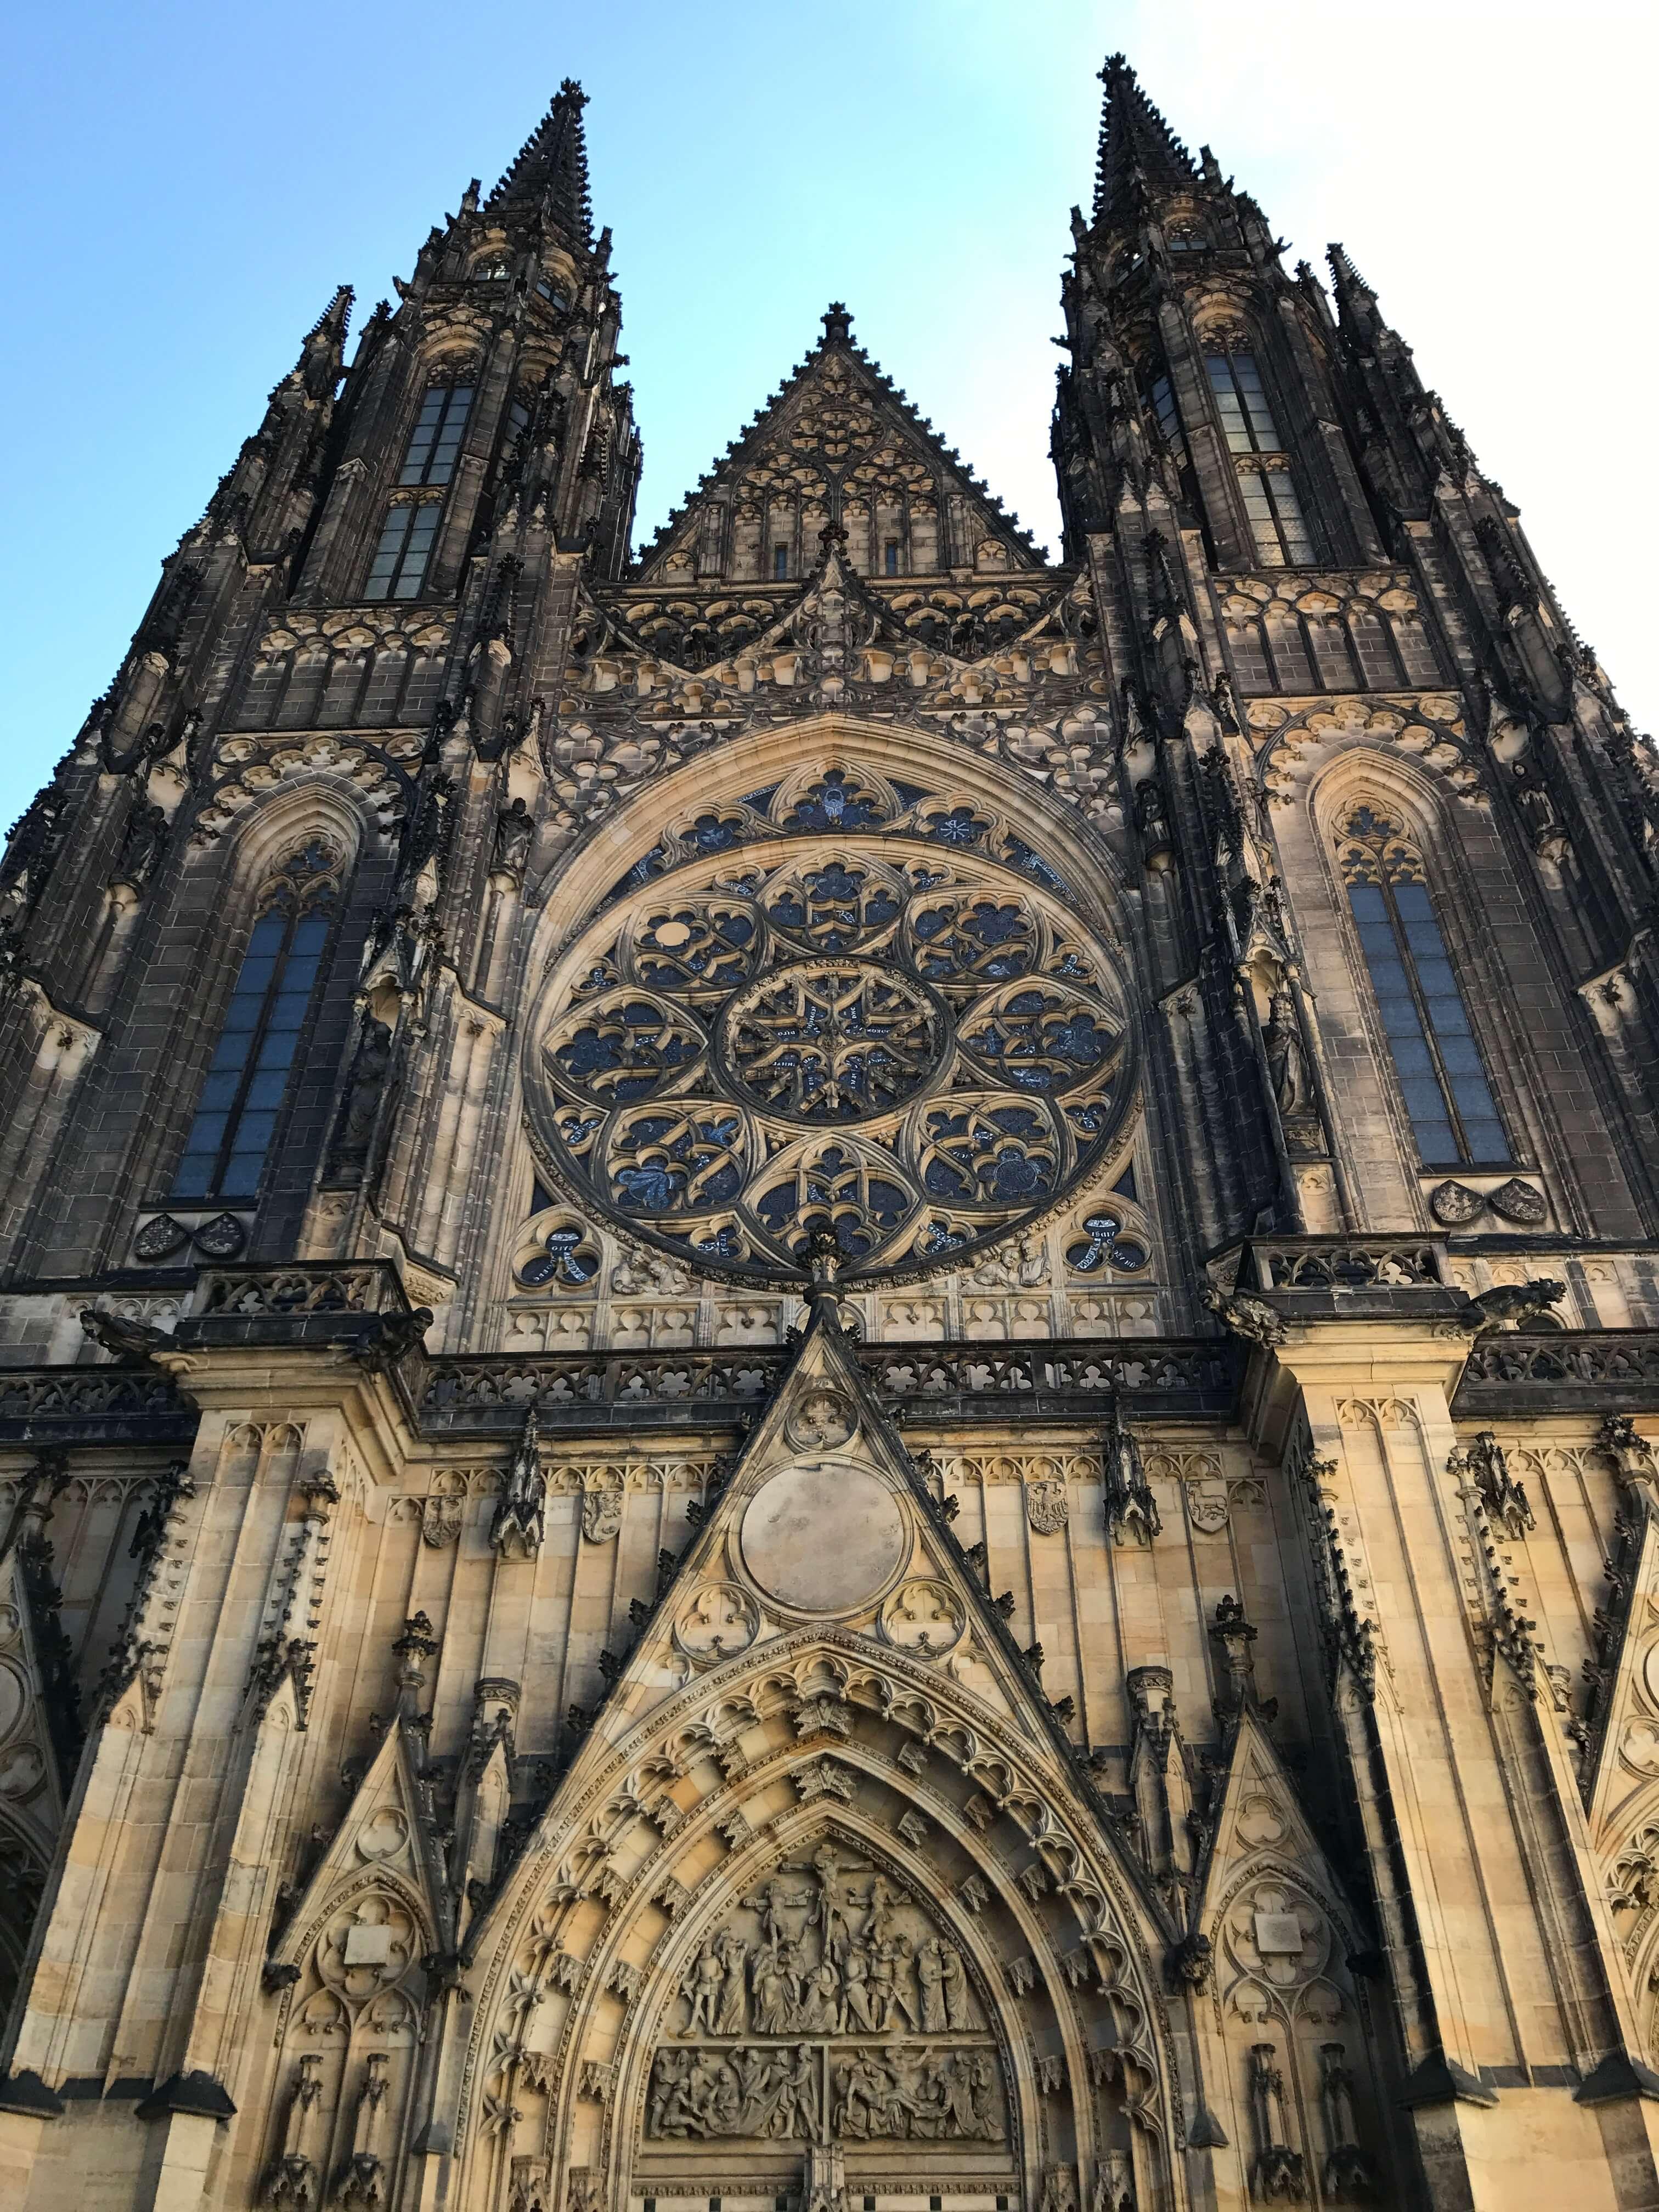 整座教堂結合許多建築風格,有布拉格城堡「建築之寶」之稱。Photographer / Penny